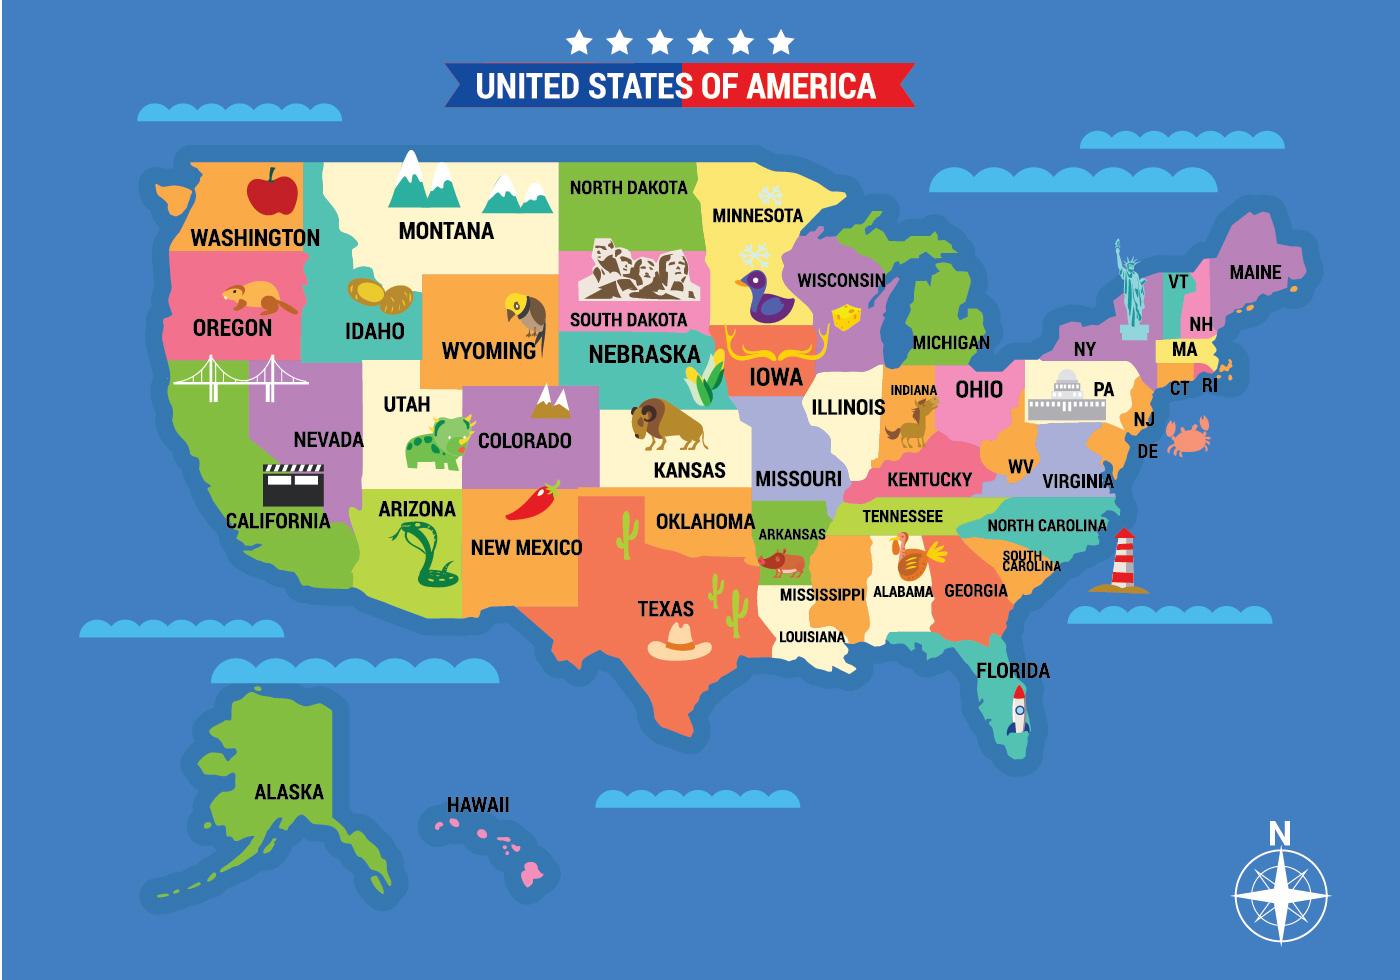 La Cartina Geografica Degli Stati Uniti.Mappa Illustrata Degli Stati Uniti Con Dettagliata 227831 Scarica Immagini Vettoriali Gratis Grafica Vettoriale E Disegno Modelli